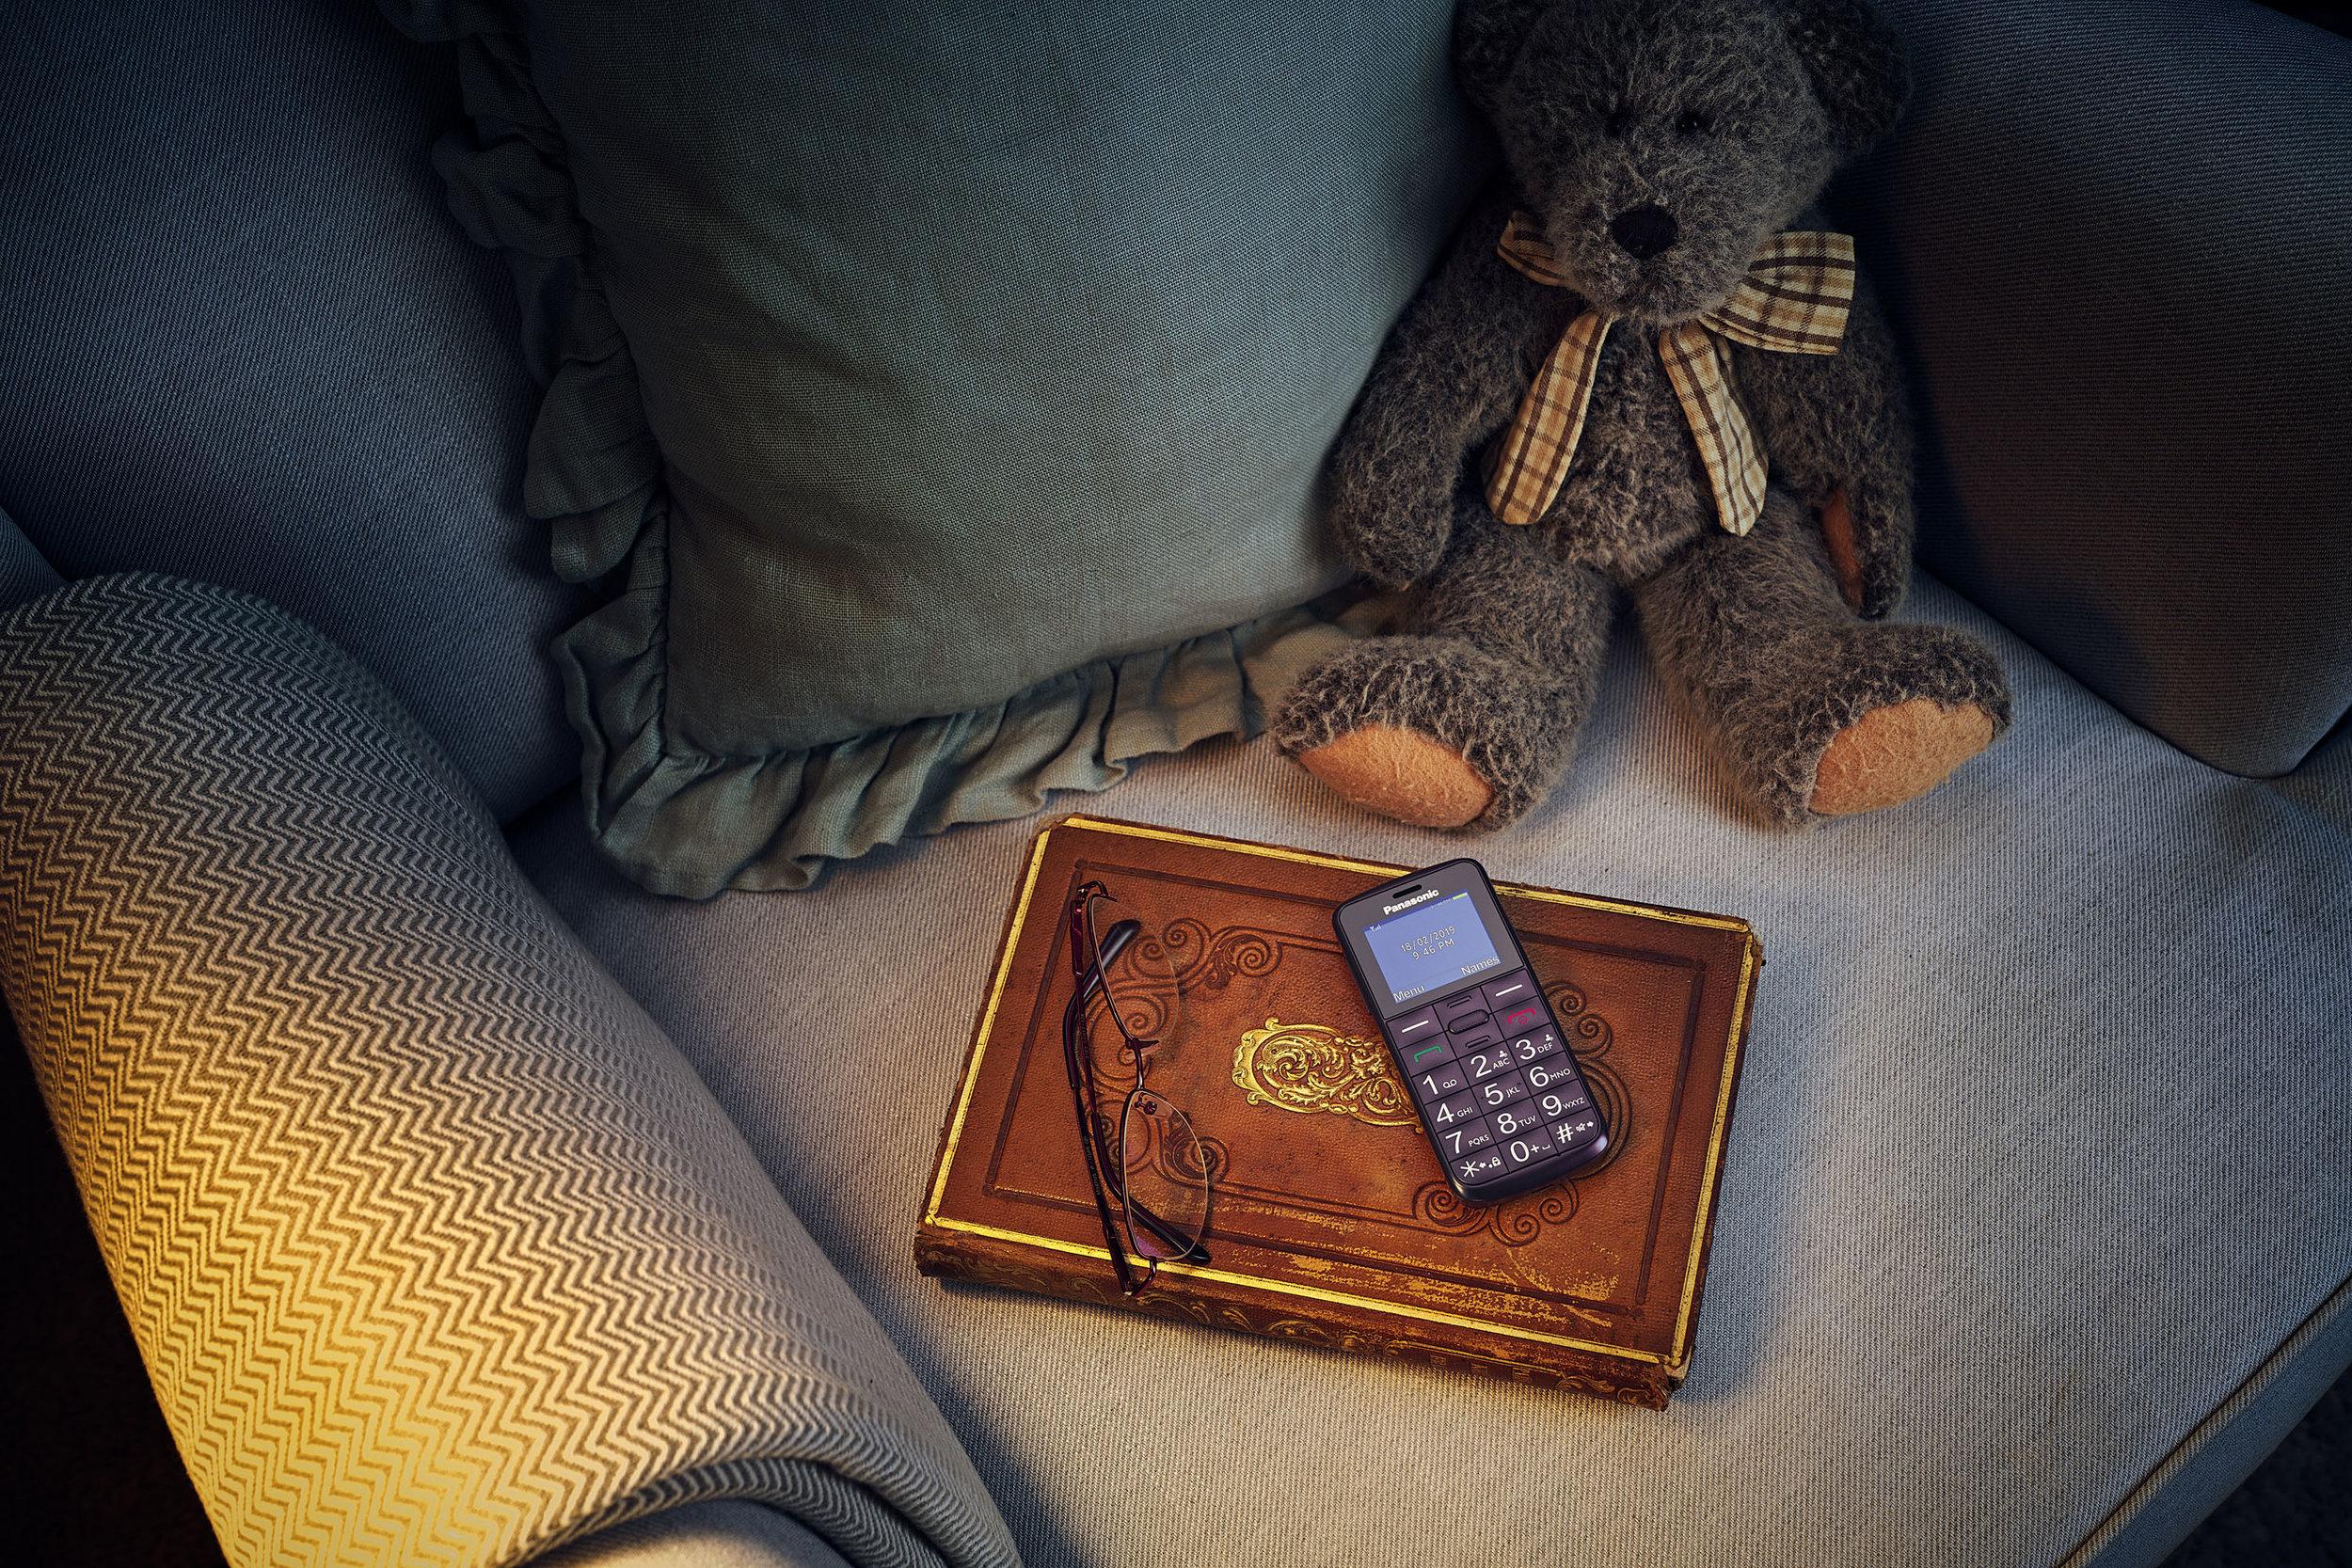 Panasonic Phones00566.jpg